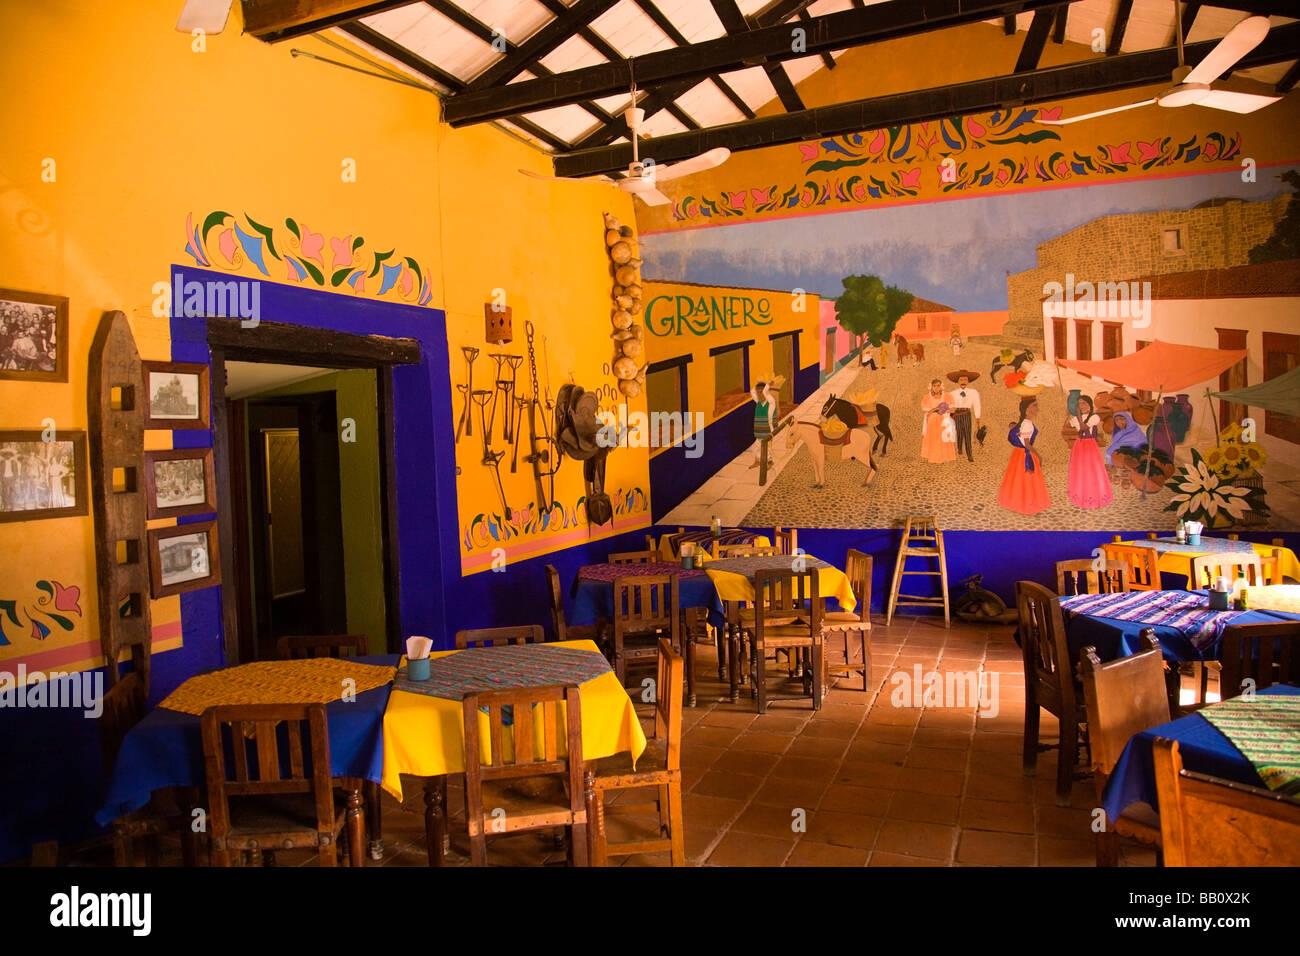 El interior del restaurante típico mexicano concordia